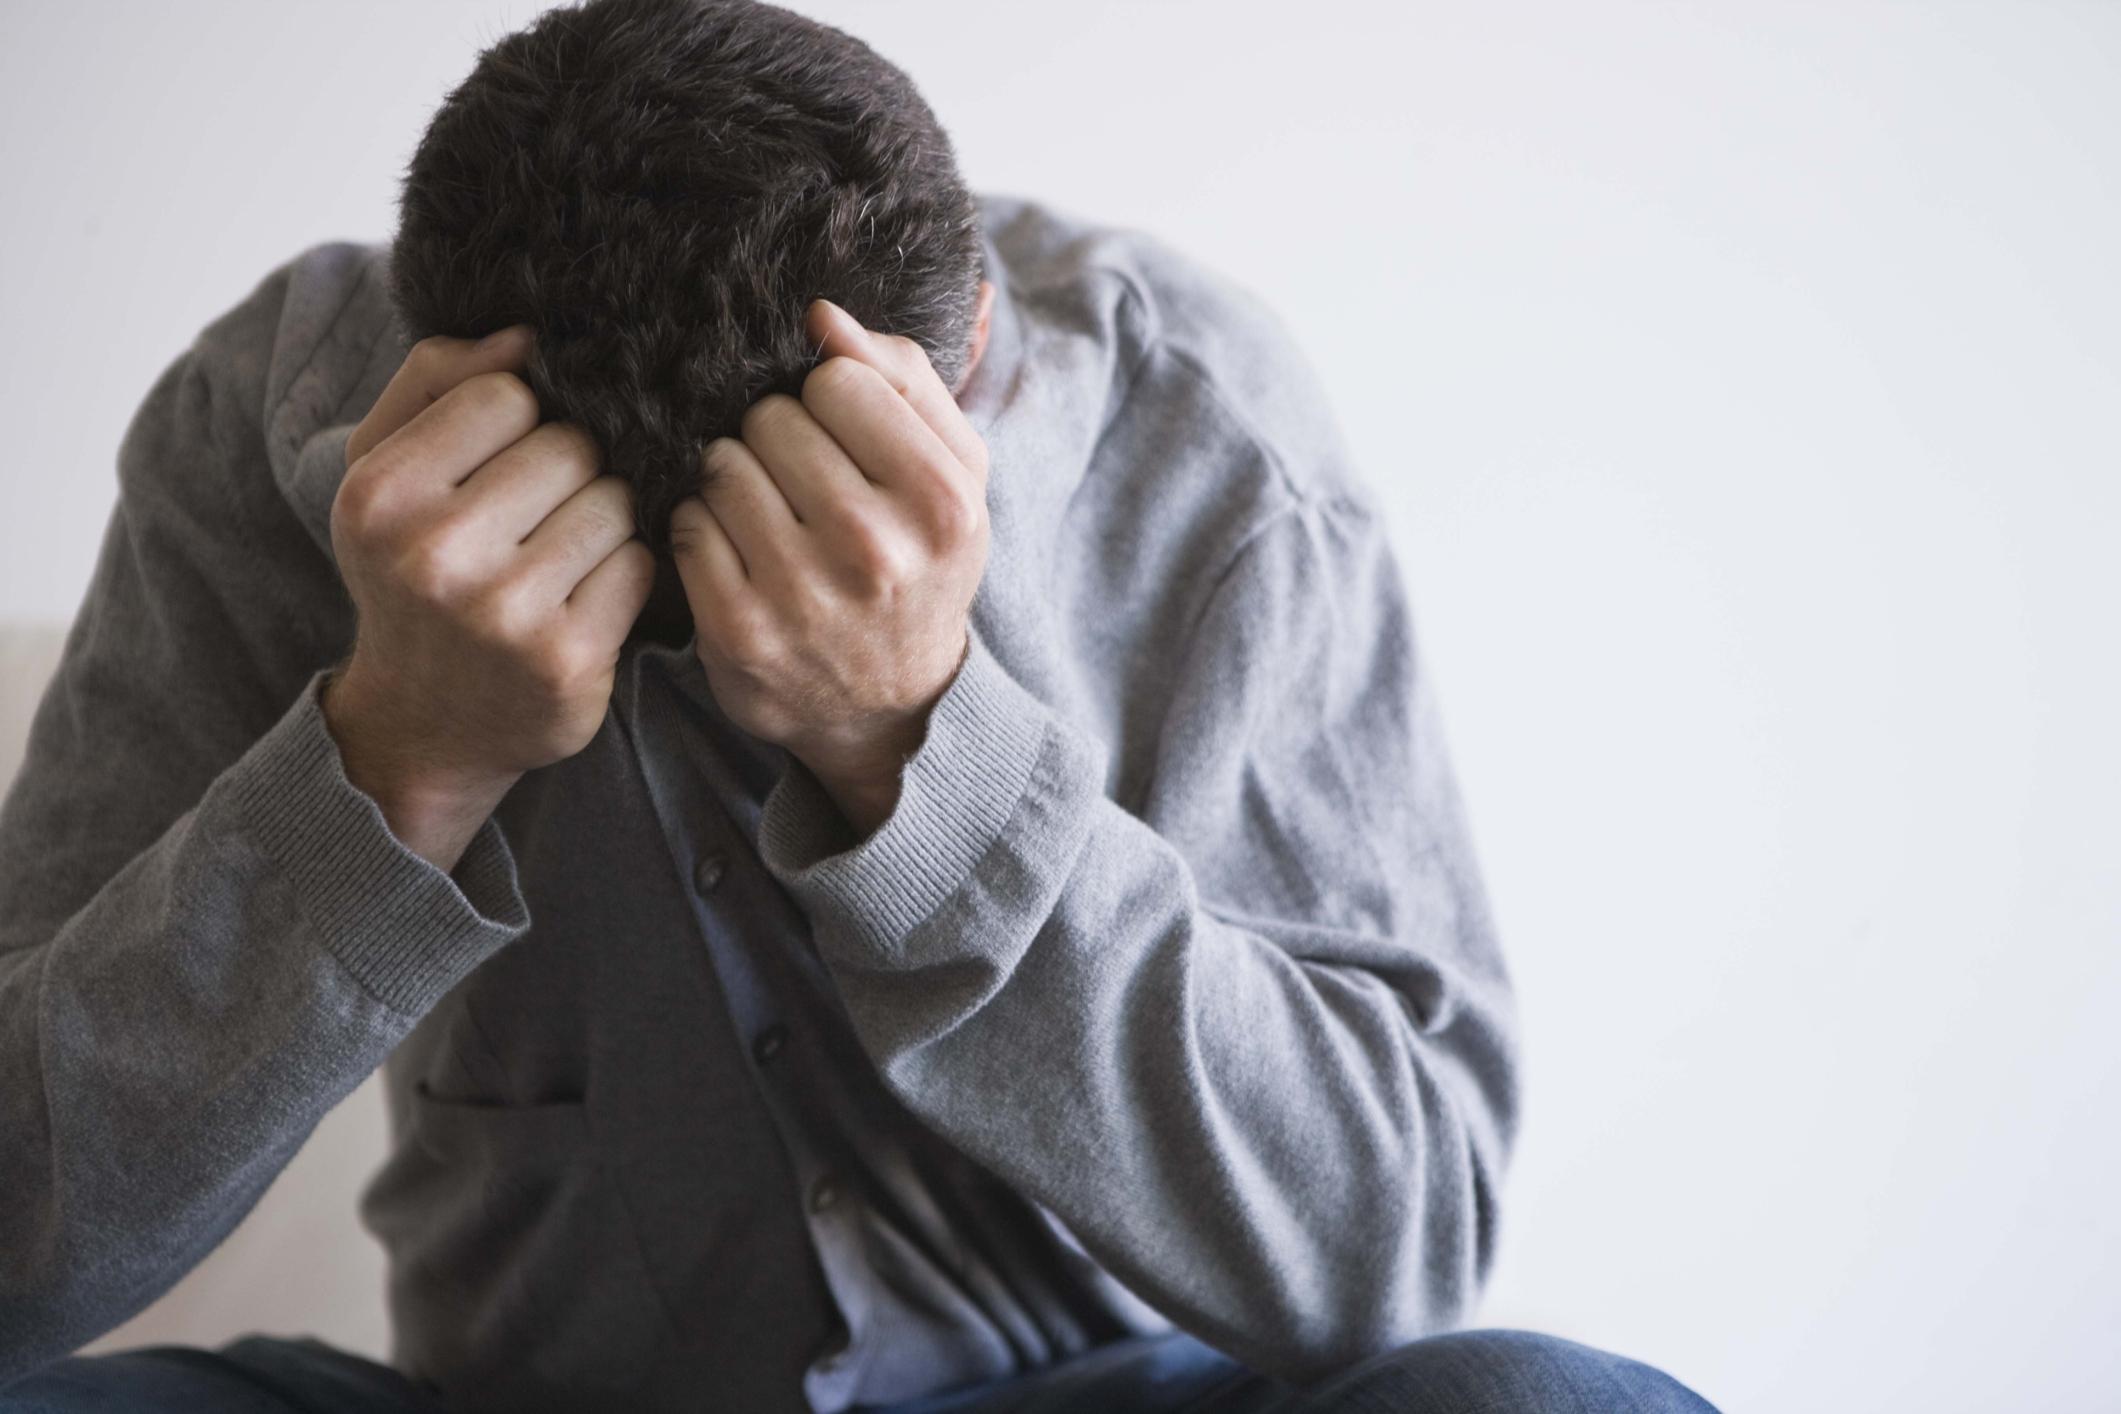 Американские эксперты рекомендовали внедрить систему планового скрининга депрессии